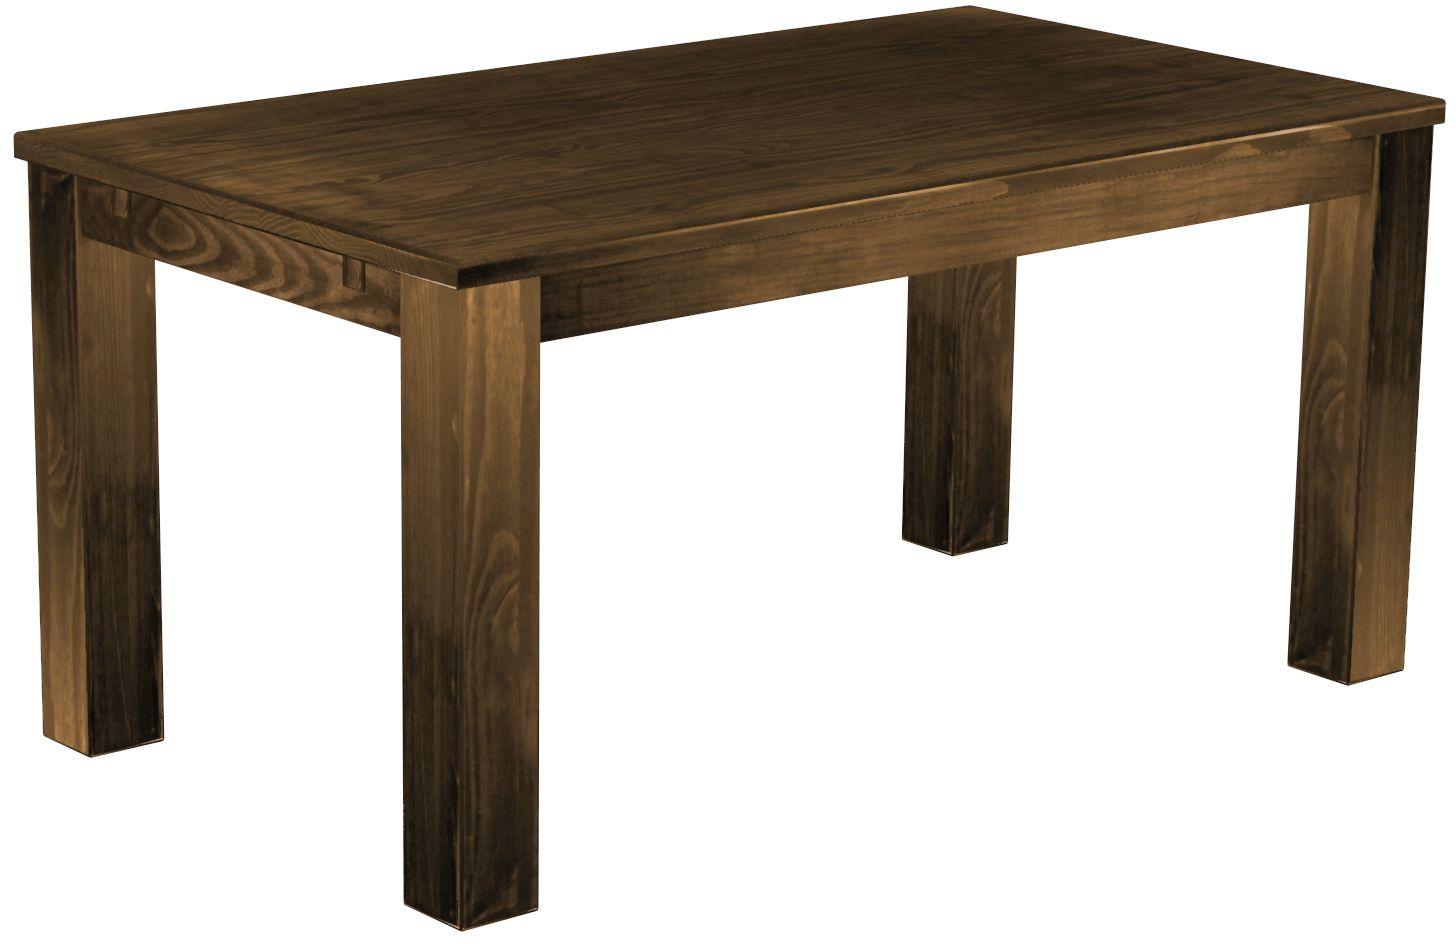 Esstisch eiche antik  Tisch 160x90 Eiche Antik